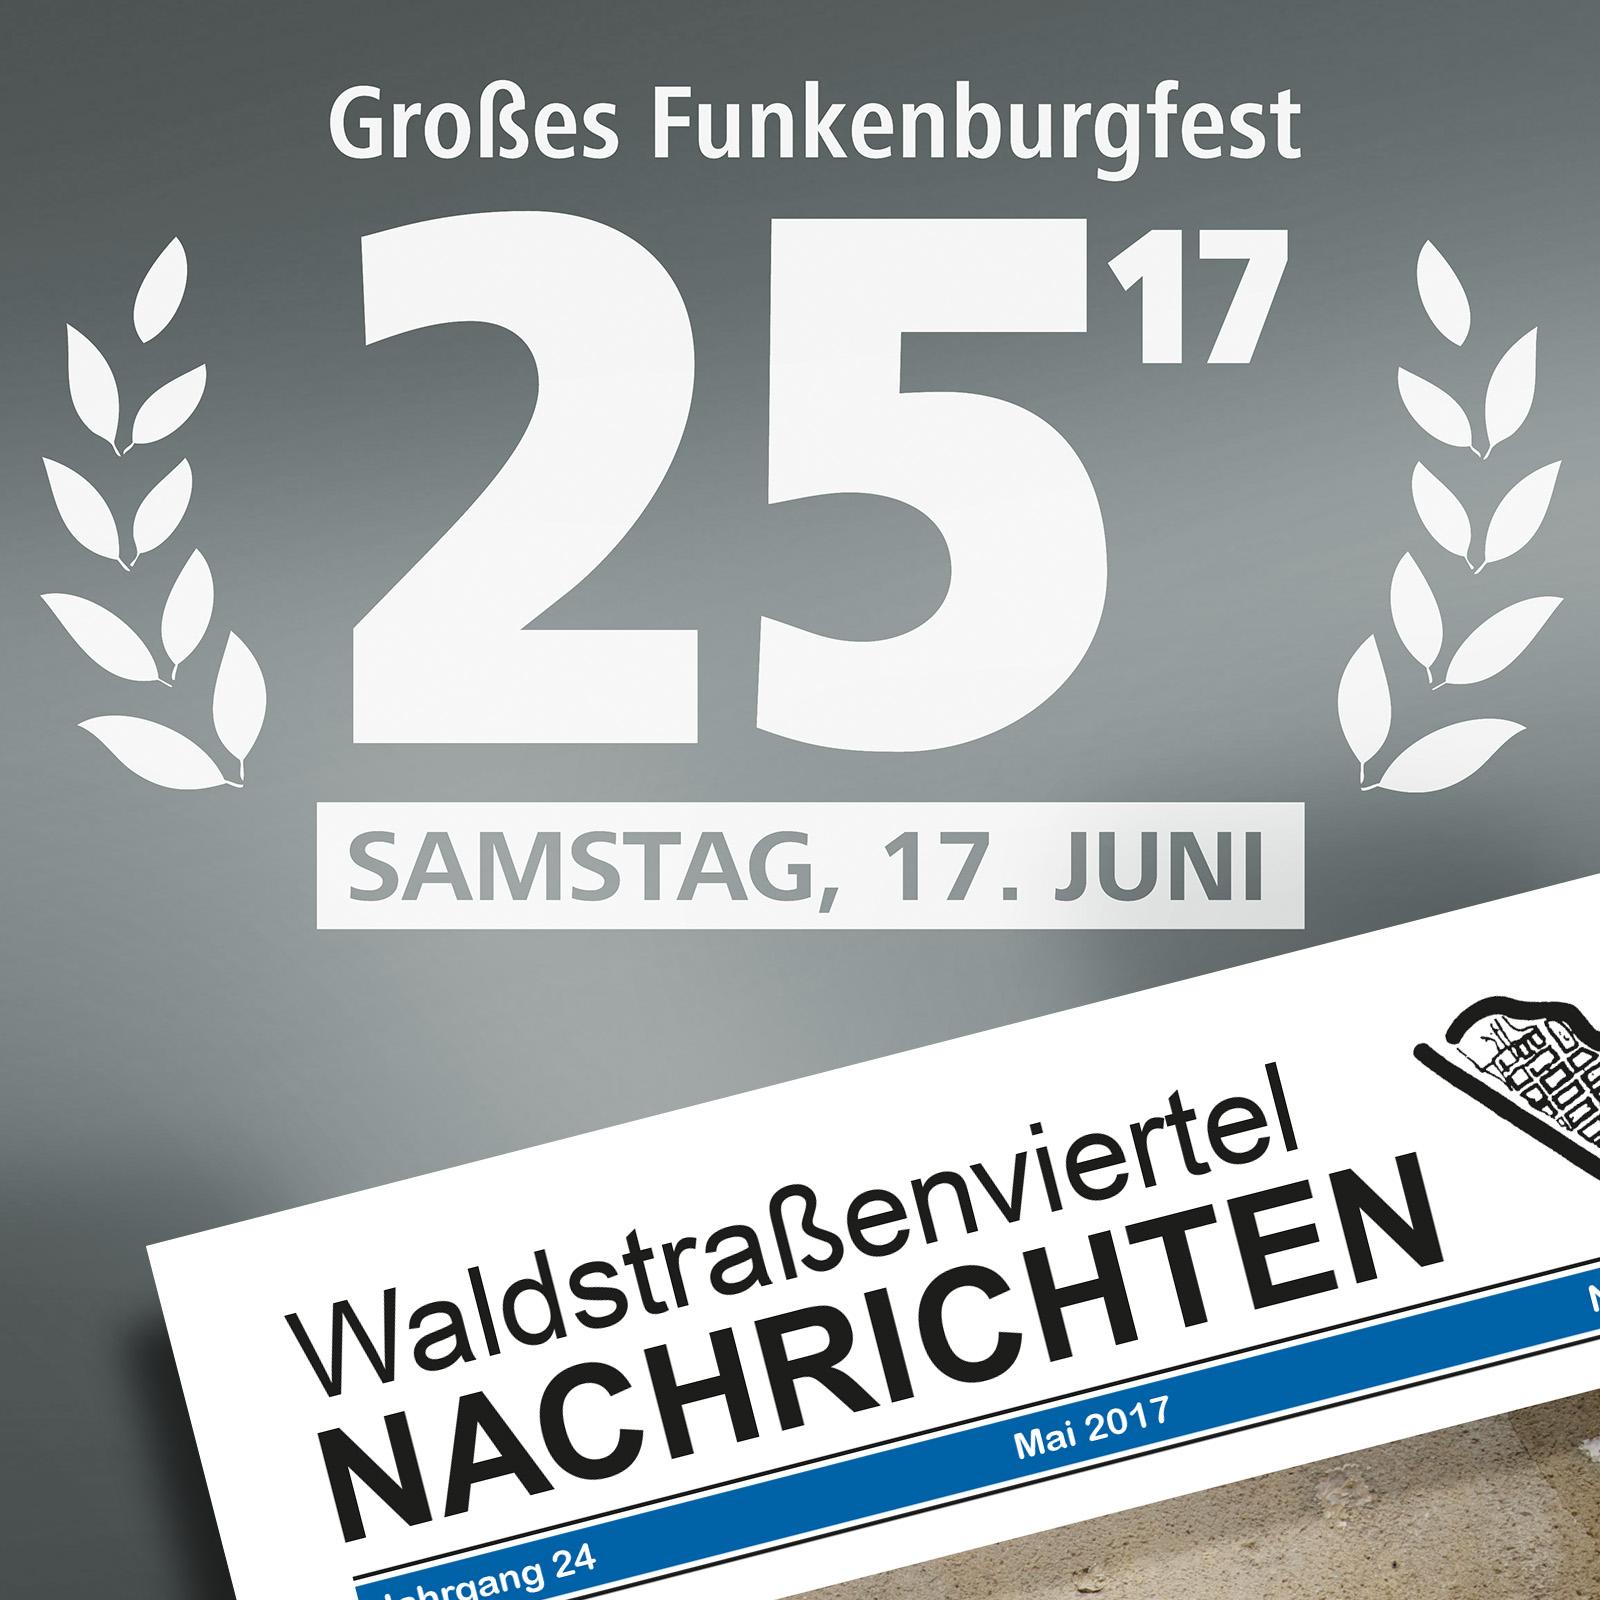 25. Großes Funkenburgfest Waldstraßenviertel Nachrichten Festausgabe Mediadaten